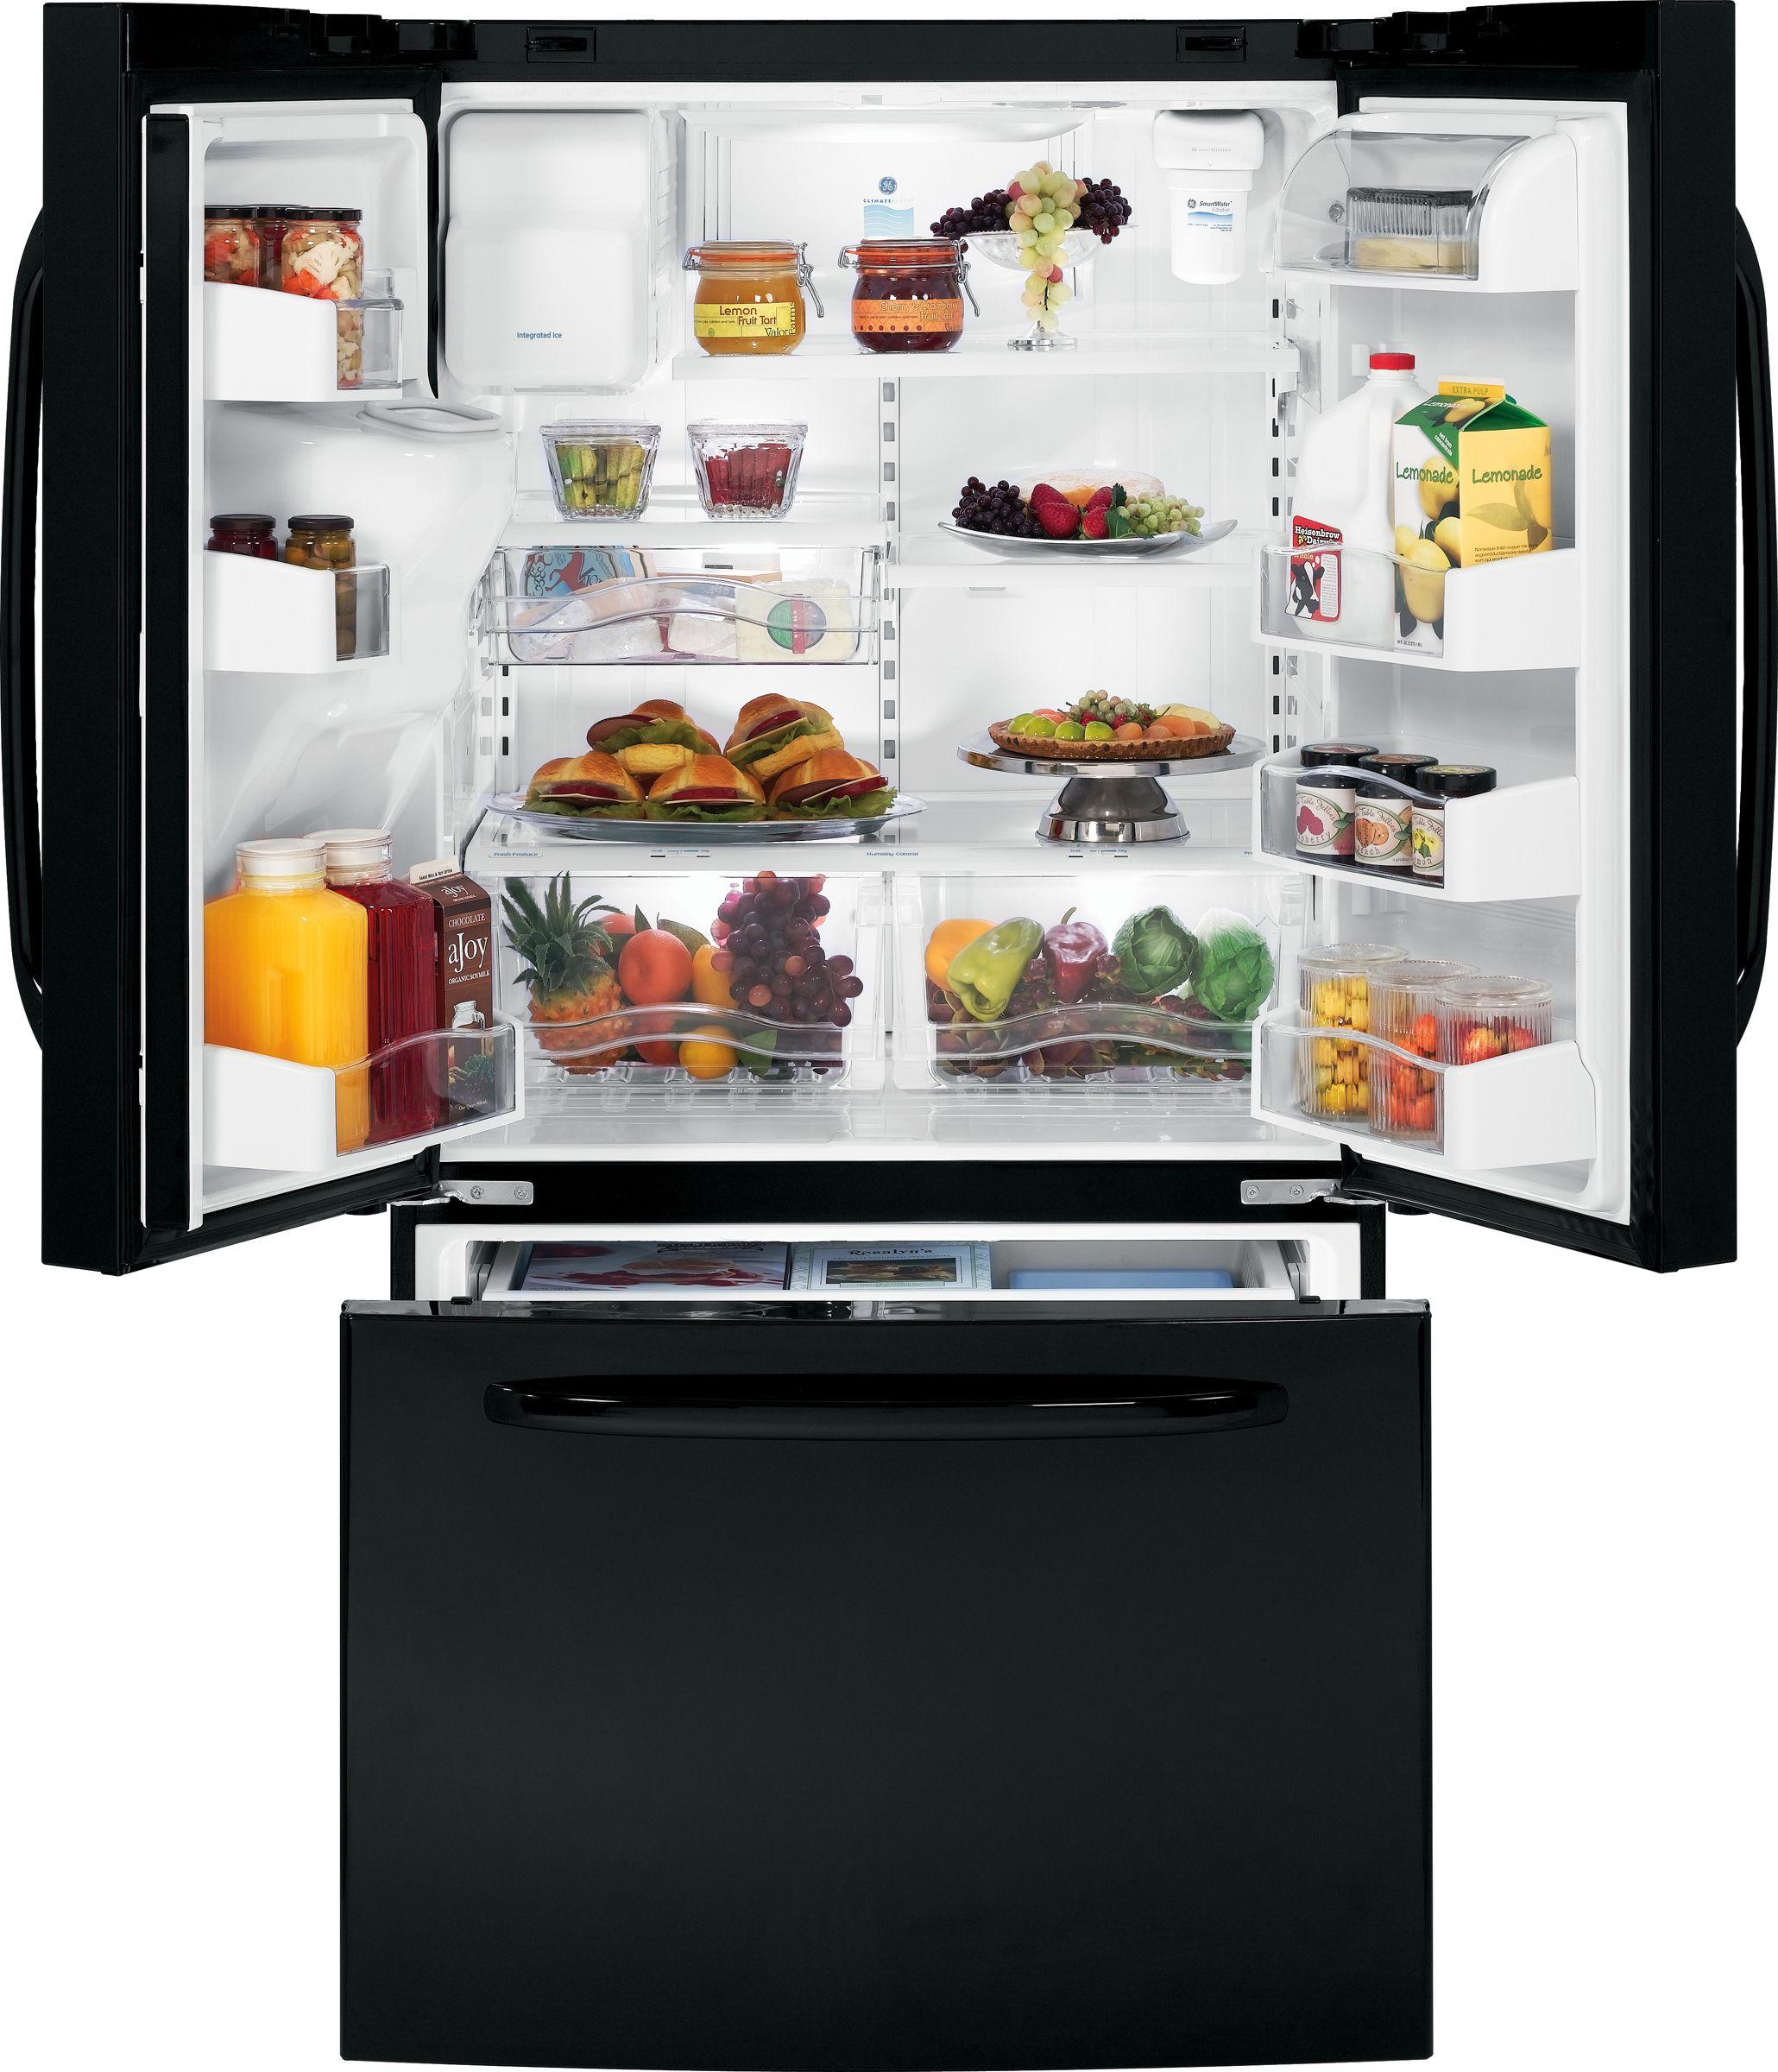 GE 25.8 cu. ft. French-Door Bottom-Freezer Refrigerator